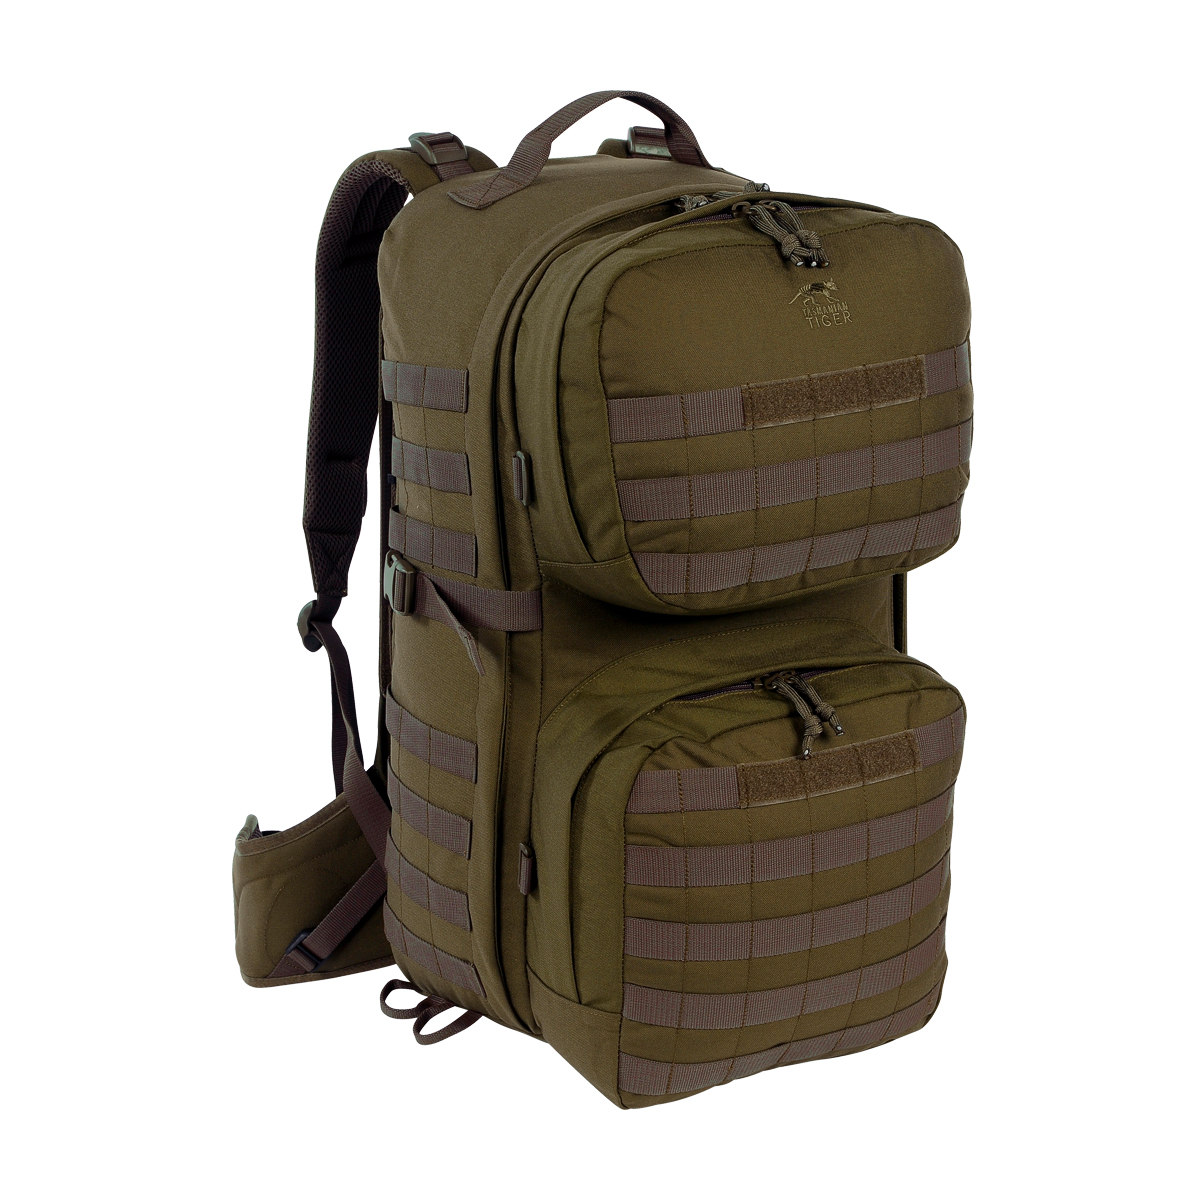 タスマニアンタイガー パトロールパック ベント mk2 T7668 32L ・Tasmanian Tiger Patrol Pack Vent 【正規輸入代理店直売】【送料無料】ミリタリー バックパック リュックサック